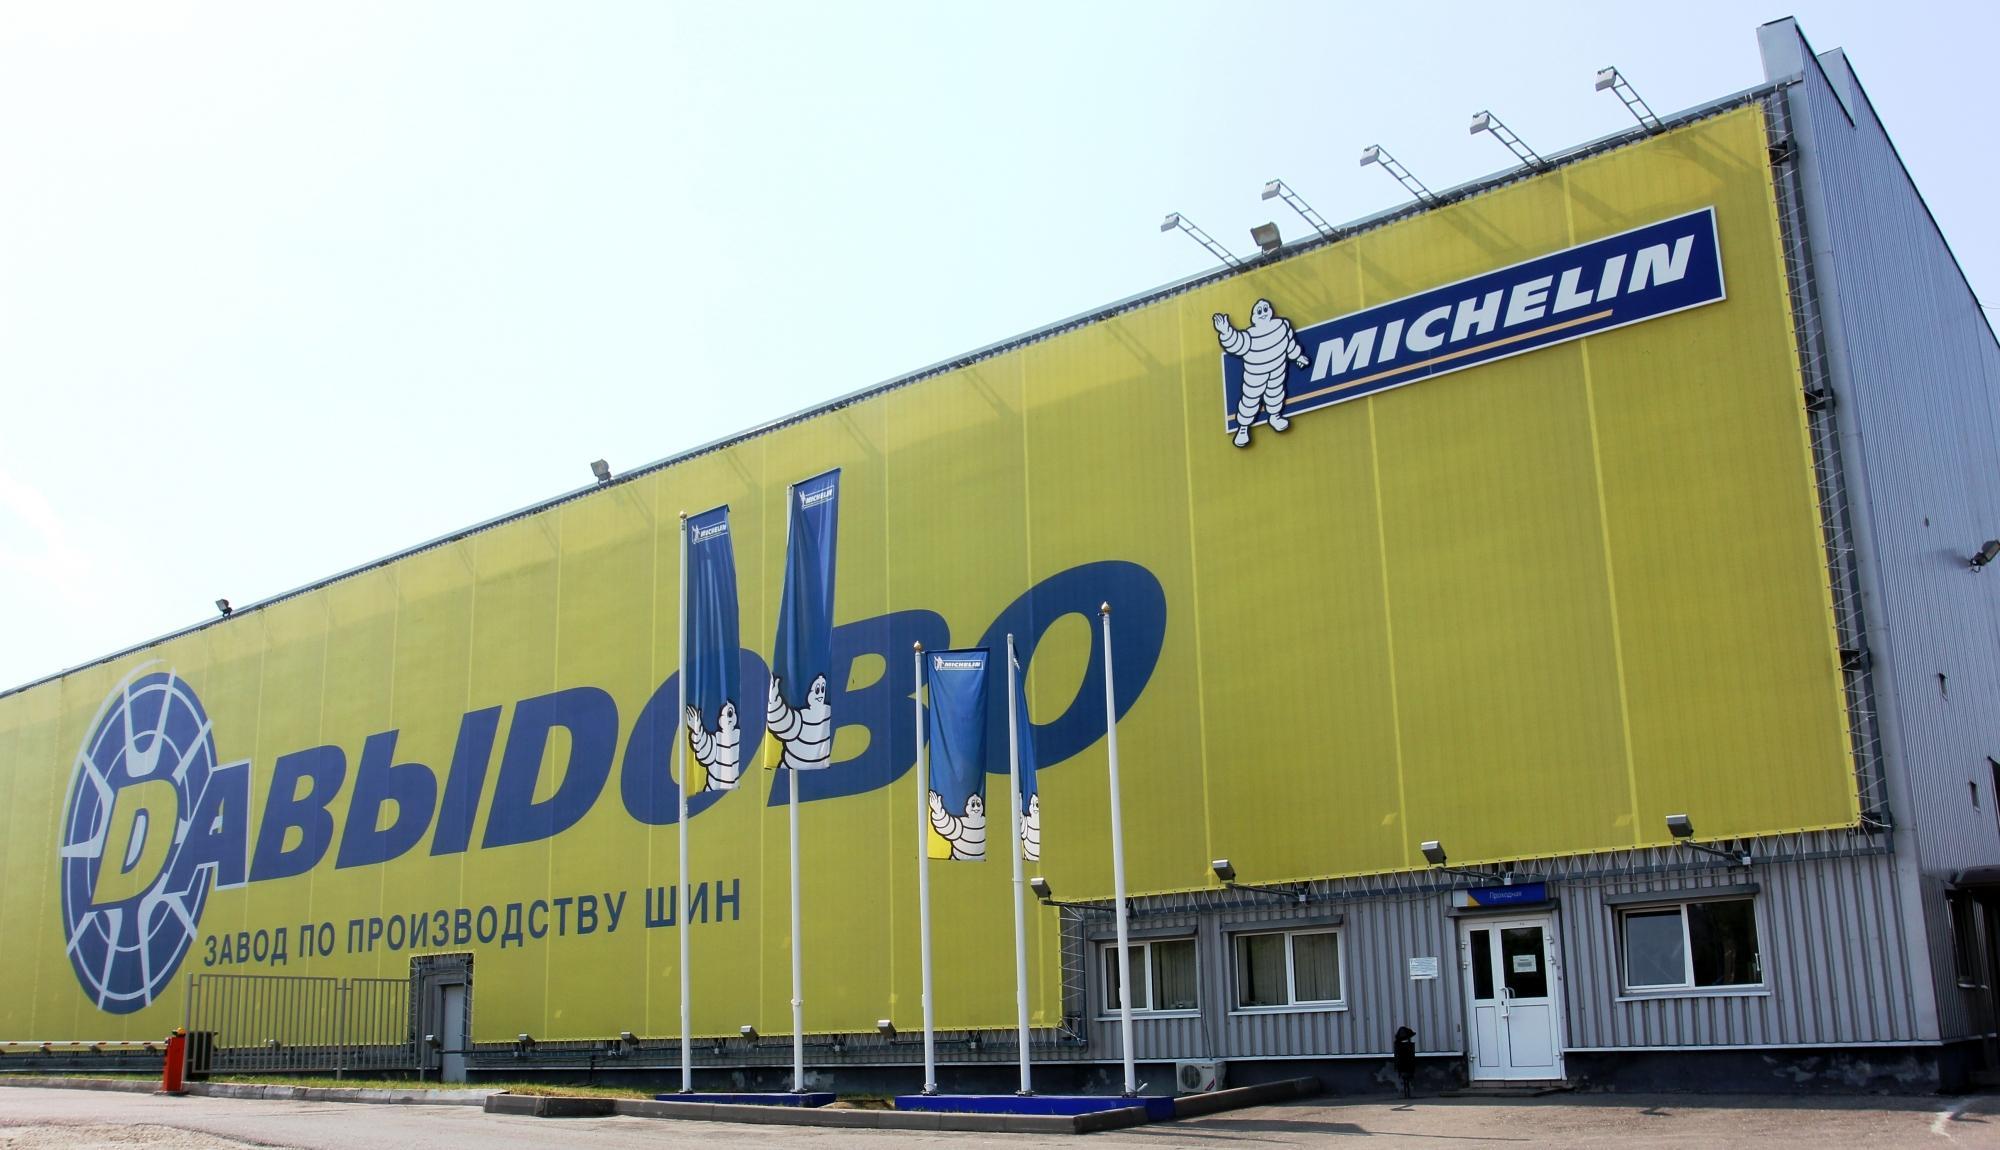 Завод Мишлен в Давыдово подтвердил статус надежного поставщика и партнера в шинной индустрии